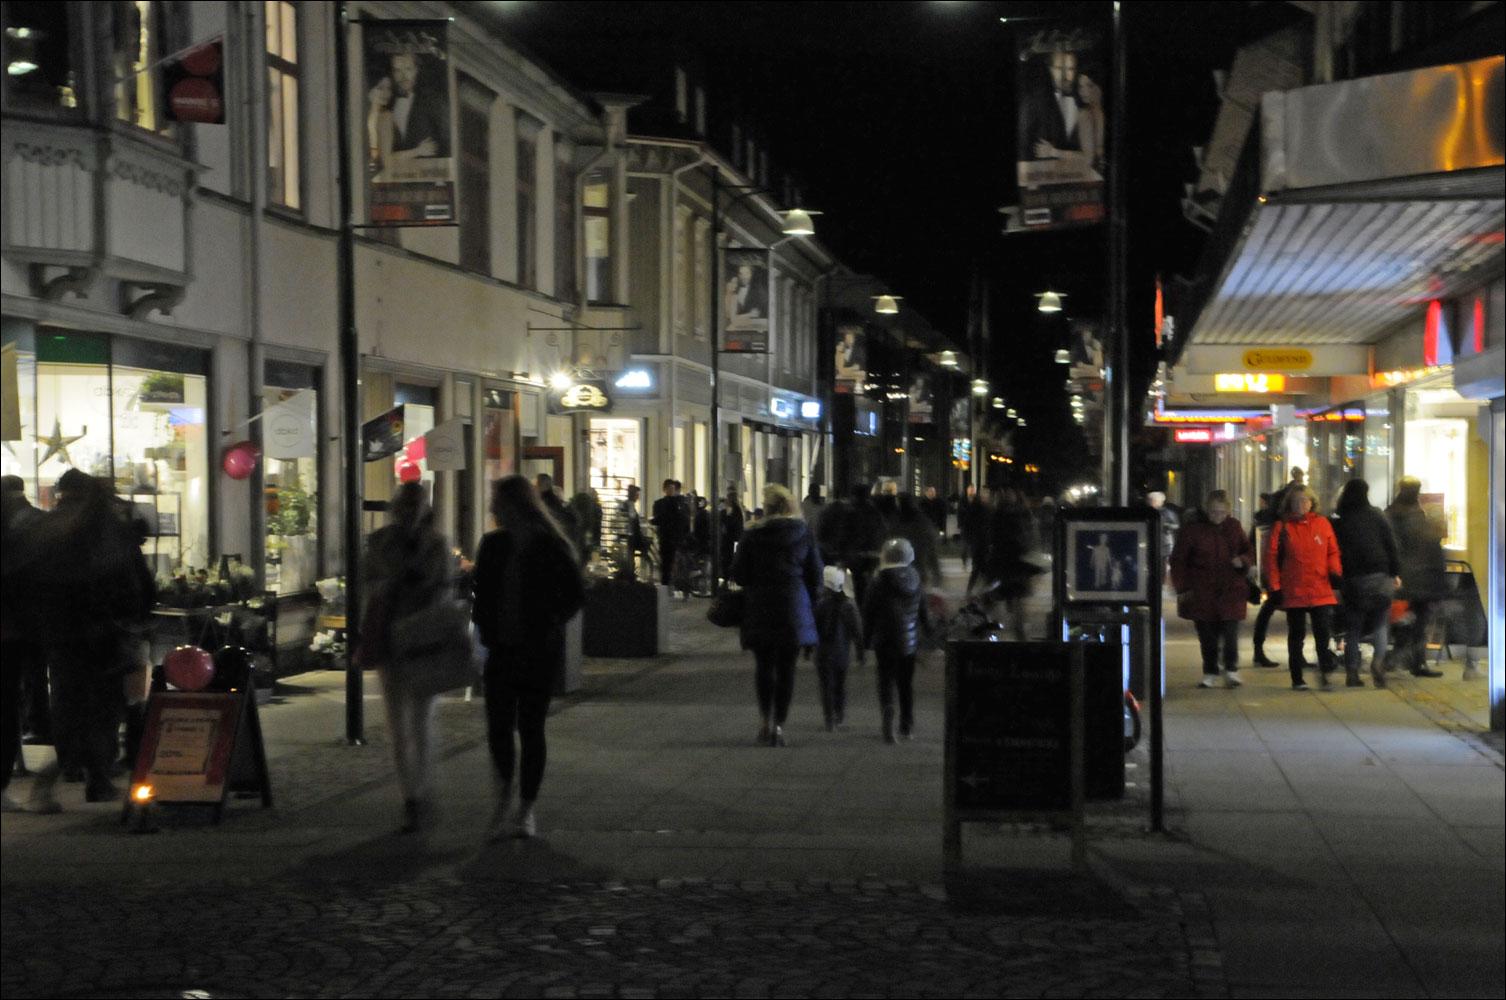 mötesplatsen centrum Lidköping